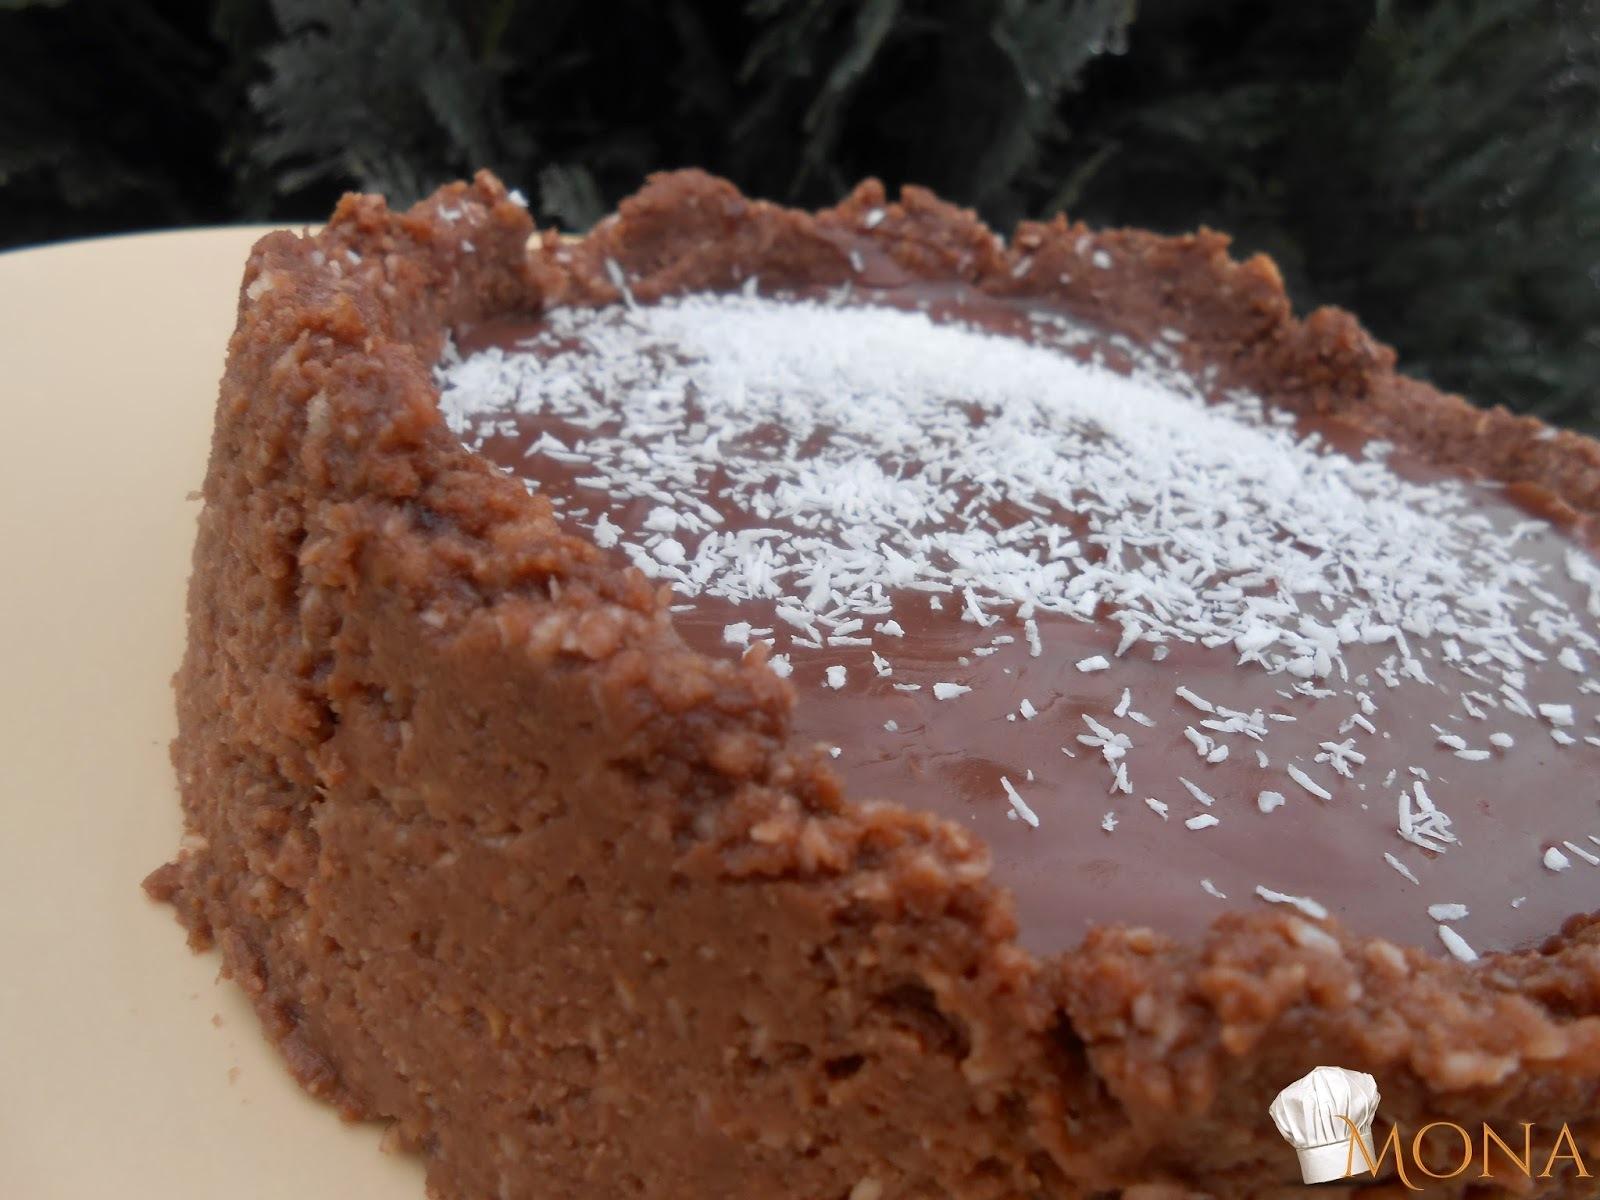 csokis kokuszos piskota